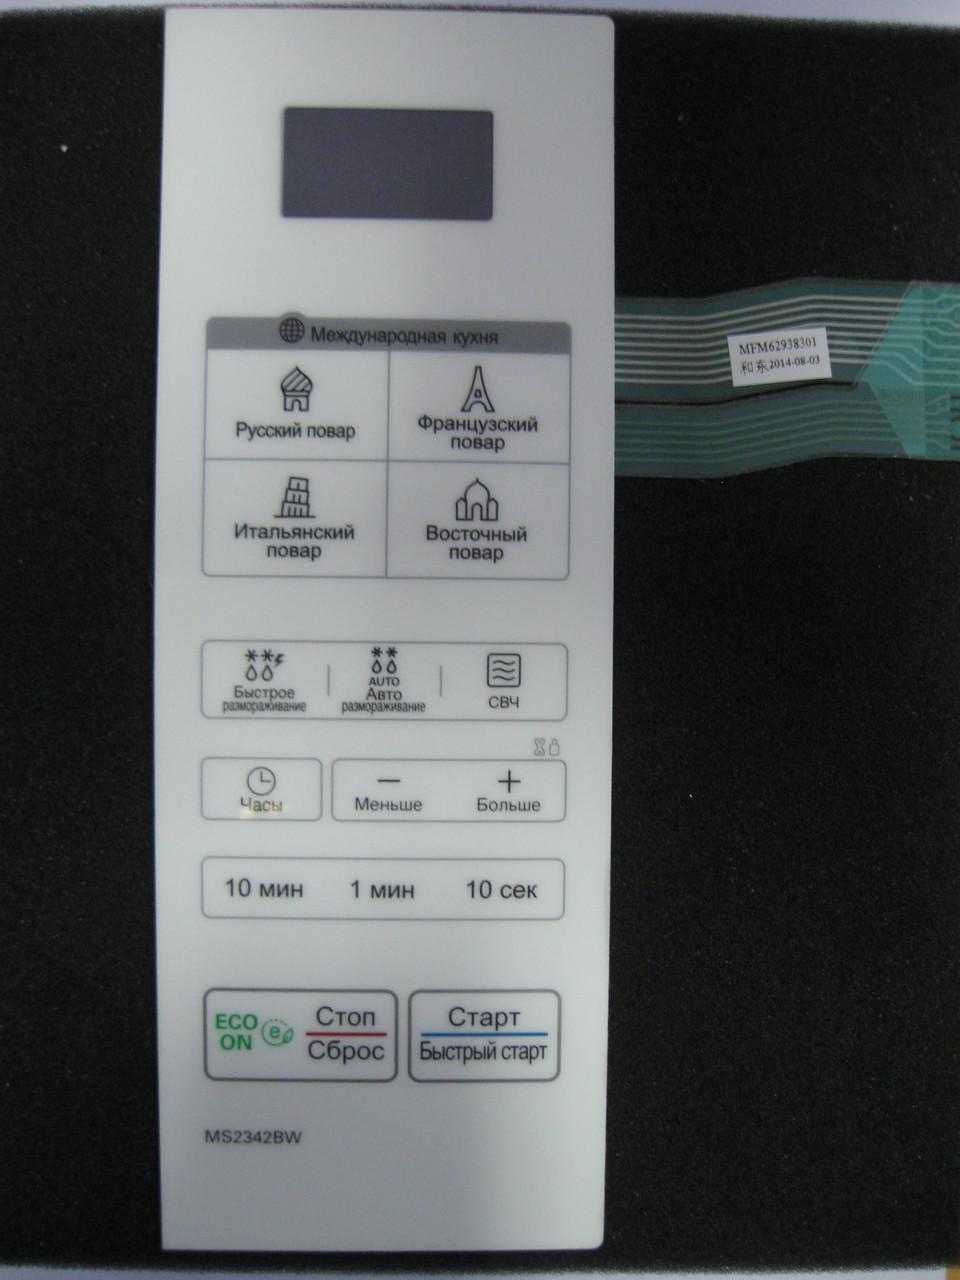 Мембрана управления микроволновой печи LG MS2342BW, MFM62938301